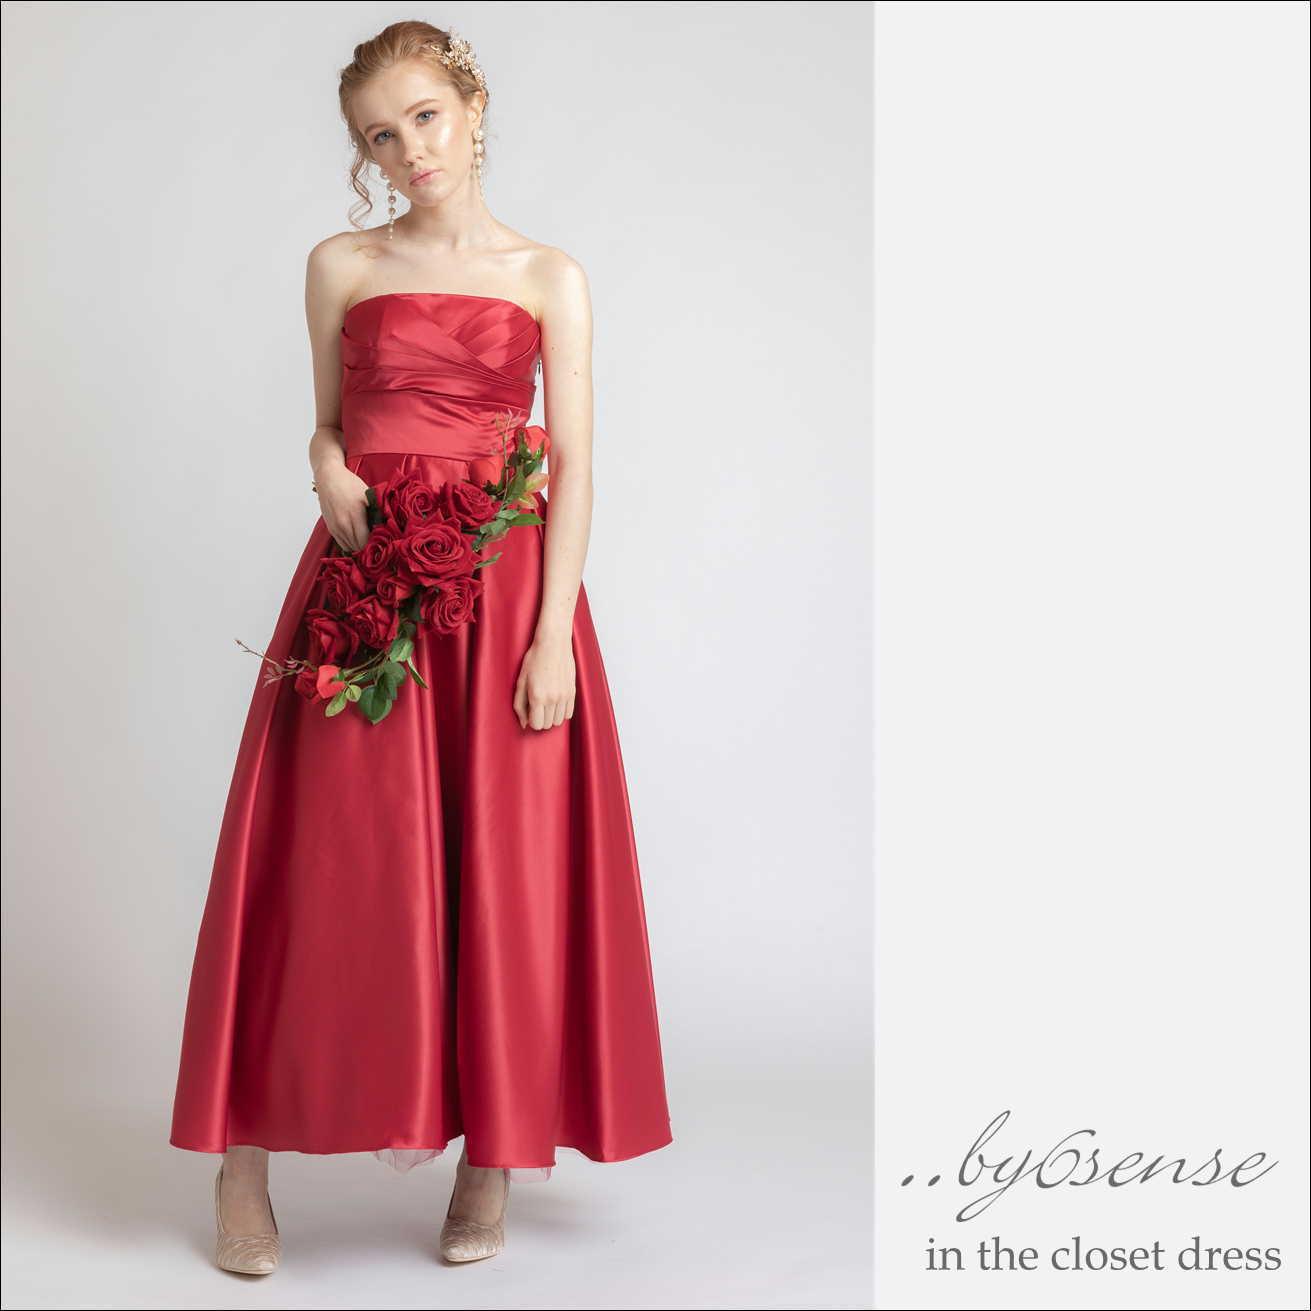 ロングサテンドレスドレス 結婚式 パーティー ロング丈 花嫁 イブニングドレス ピンクORレッド